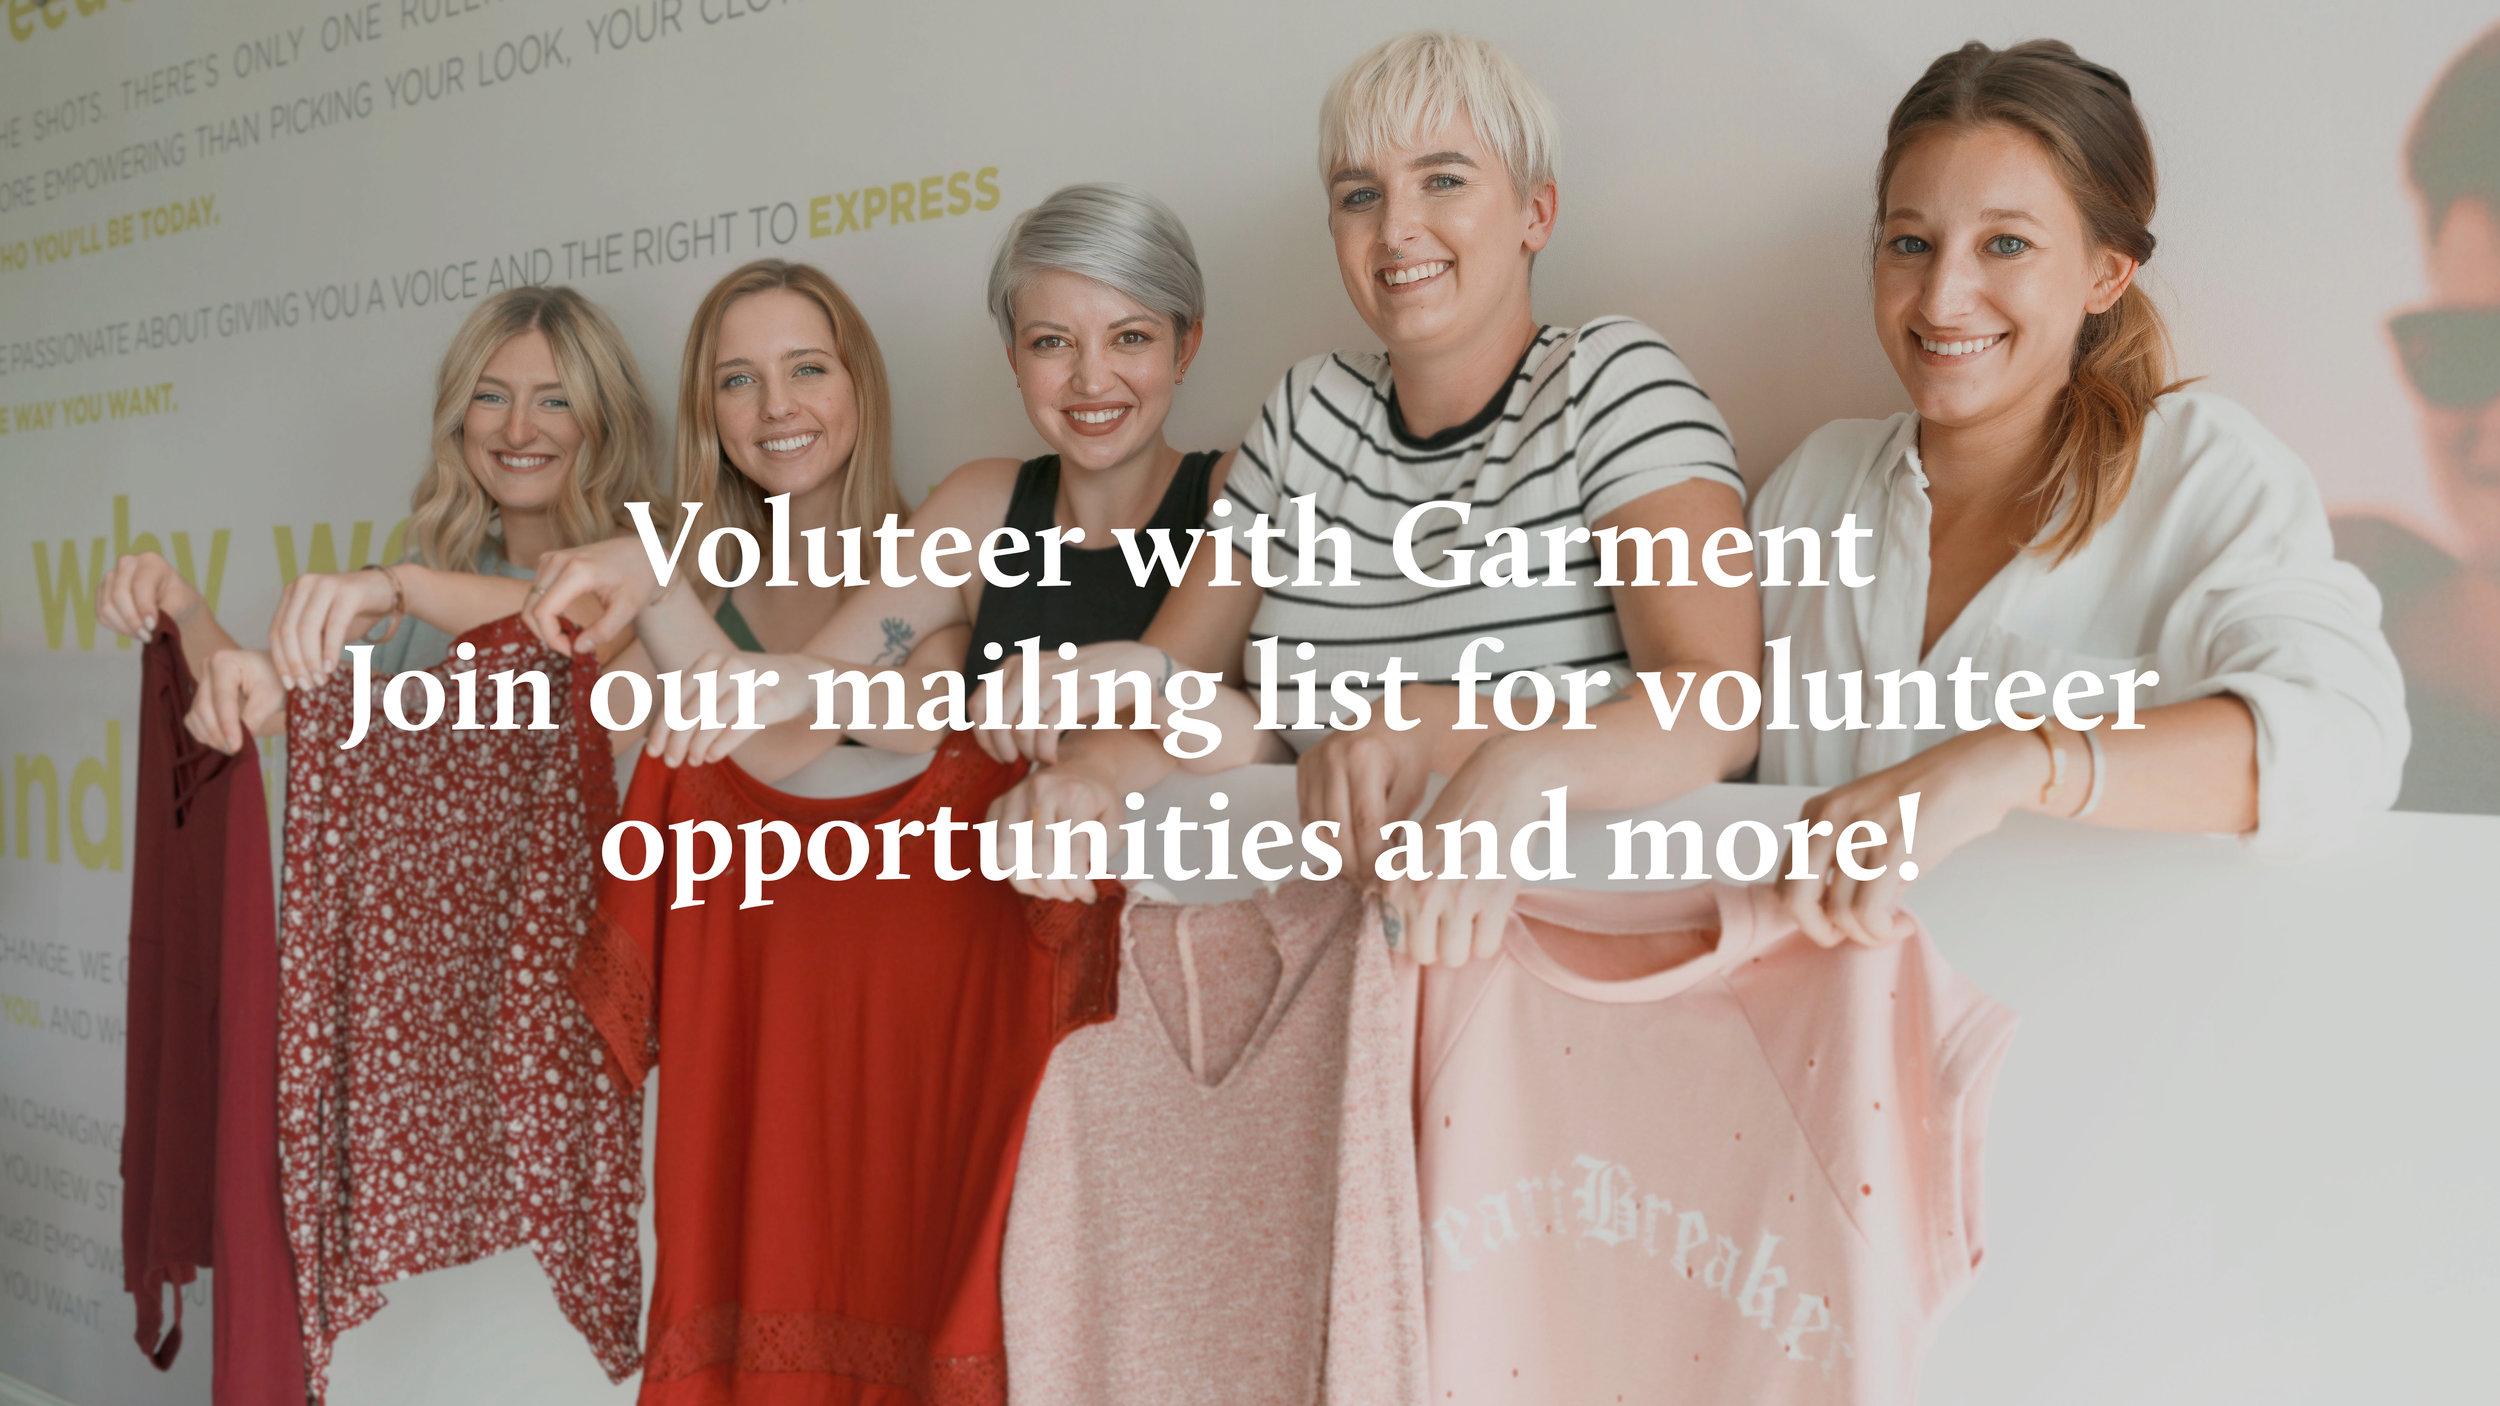 Volunteer with Garment 01.jpg